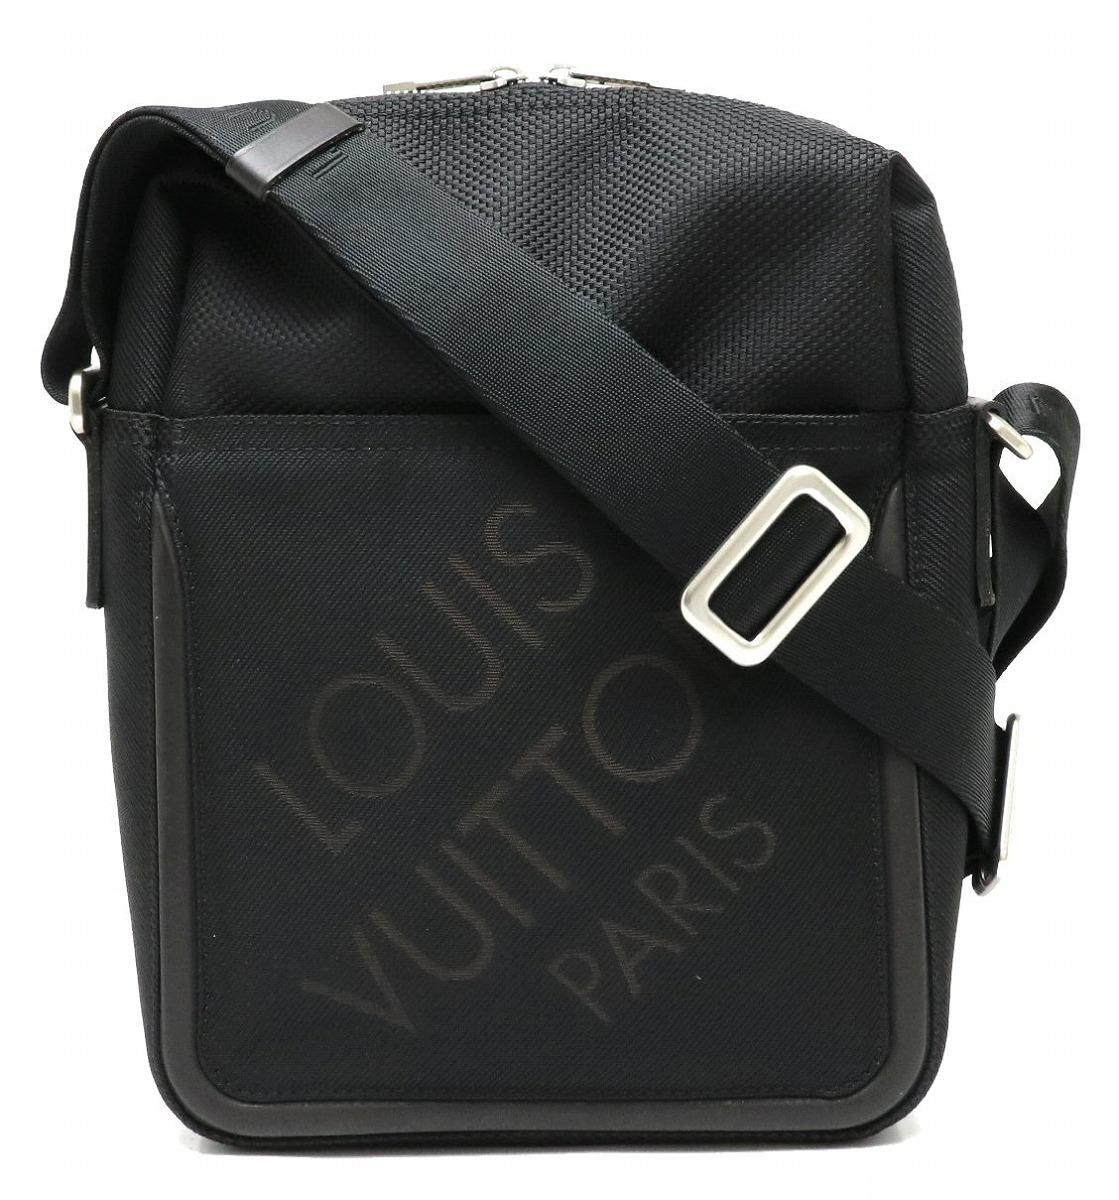 【バッグ】LOUIS VUITTON ルイ ヴィトン ダミエジェアン シタダン ショルダーバッグ 斜め掛け ノワール 黒 ブラック M93042 【中古】